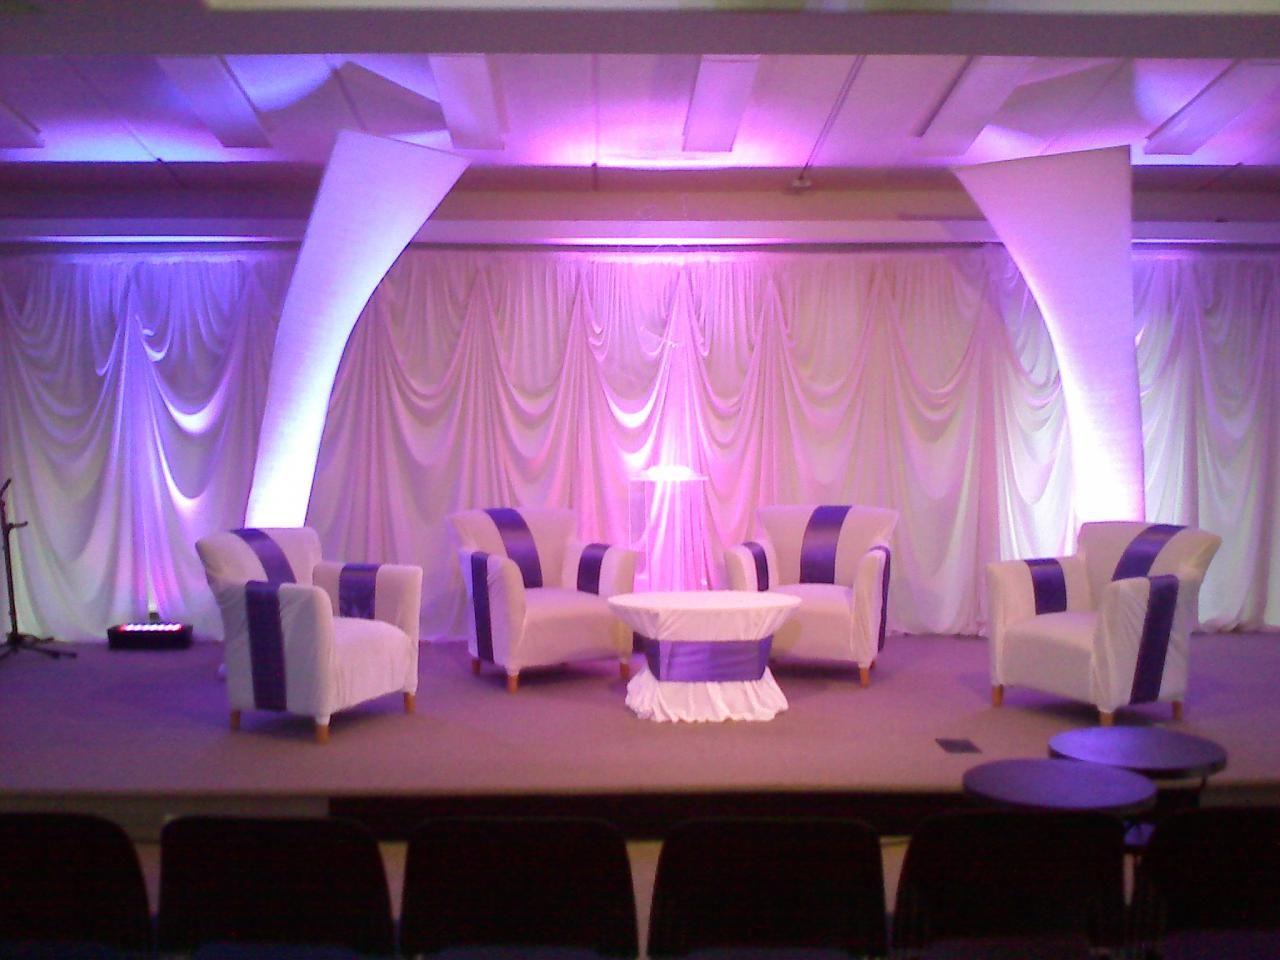 Wedding room decoration ideas  church wedding decoration ideas pictures  weddingpremium